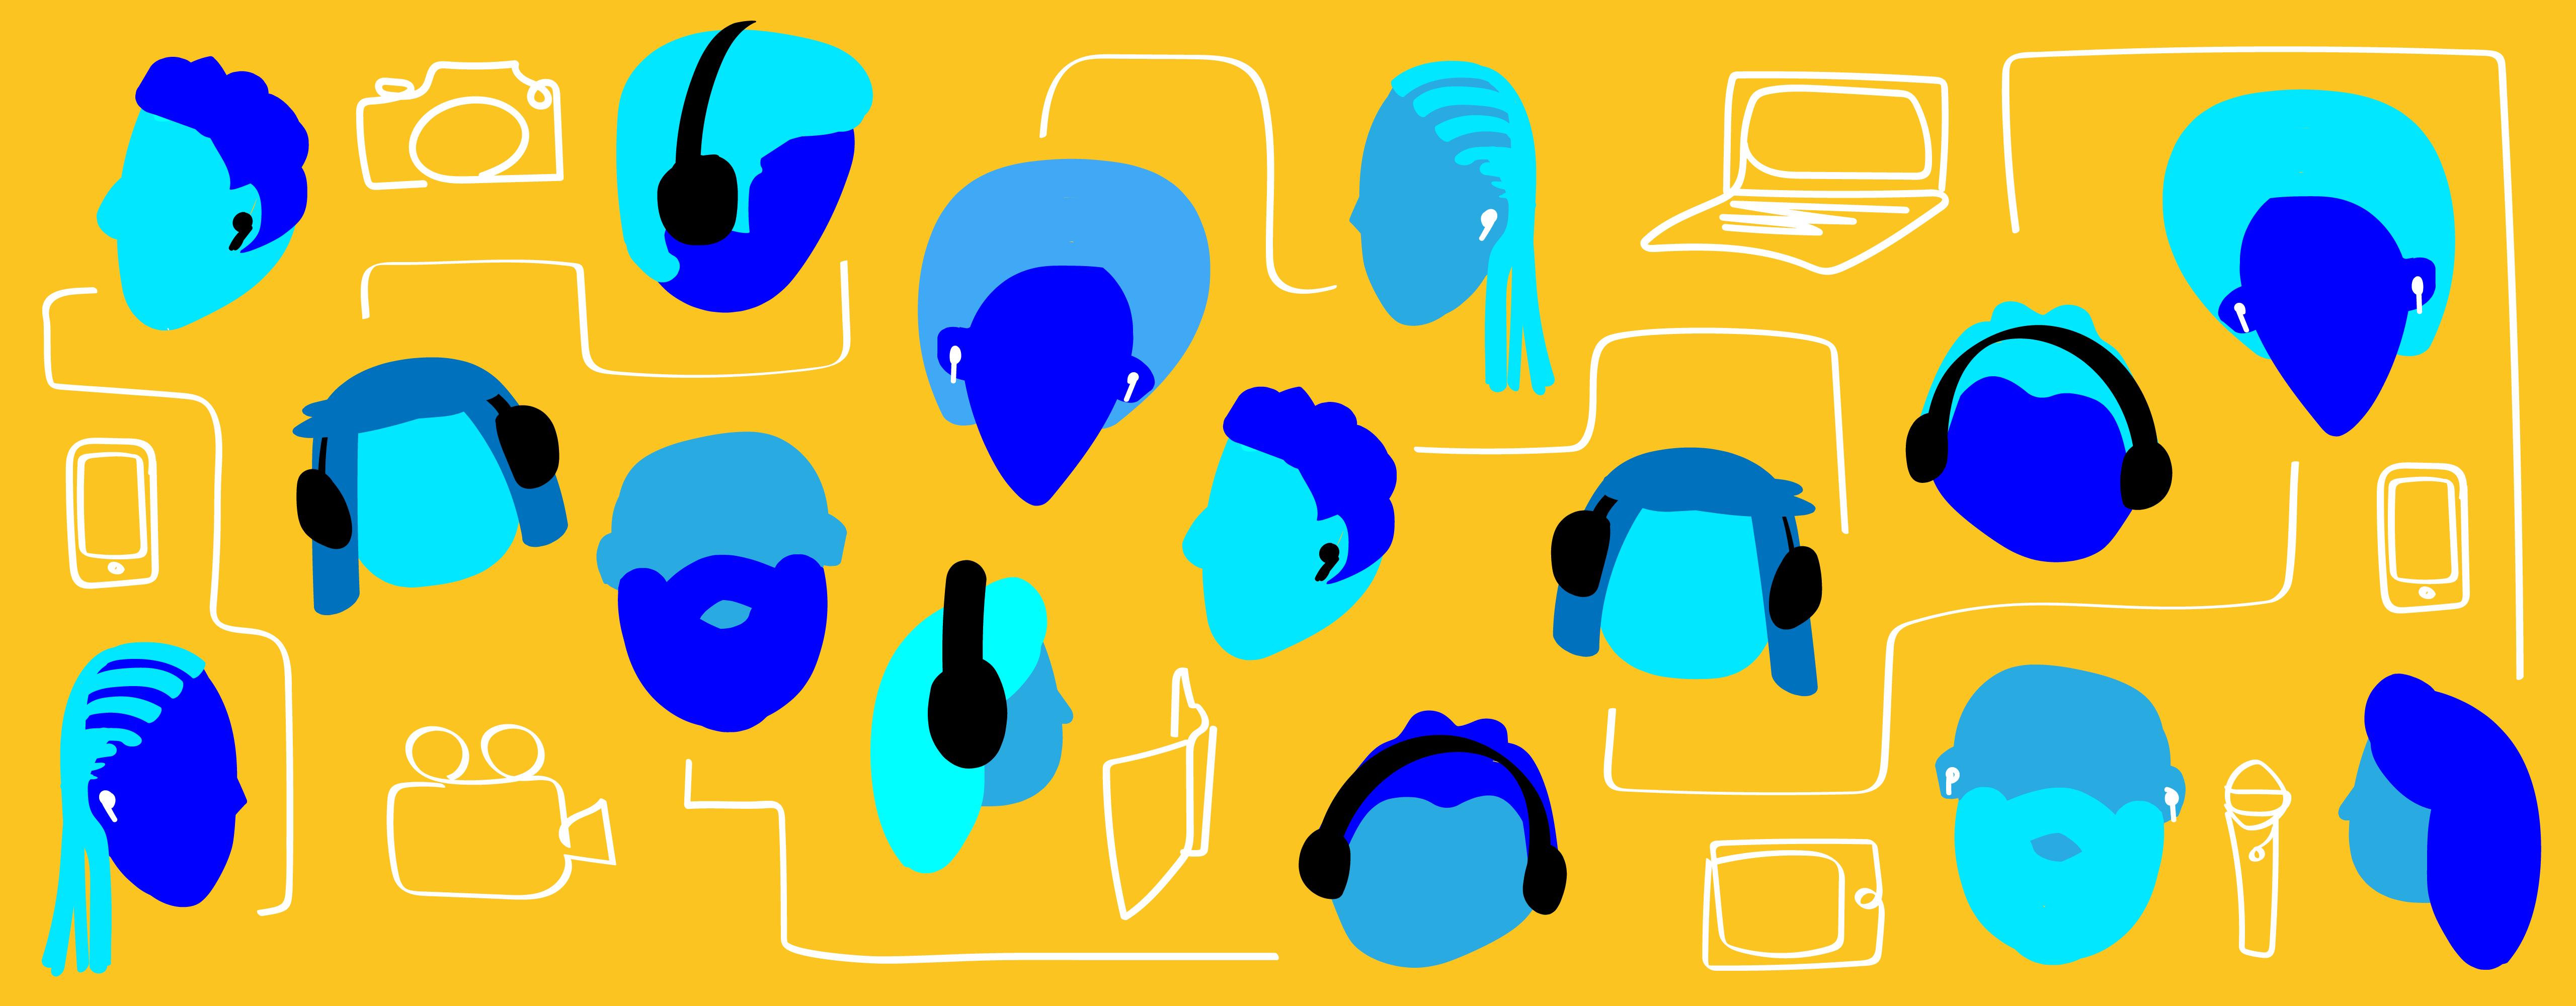 Gráfico mostrando muitas cabeças, algumas com fones de ouvido e vários dispositivos, como laptops, telefones e tablets